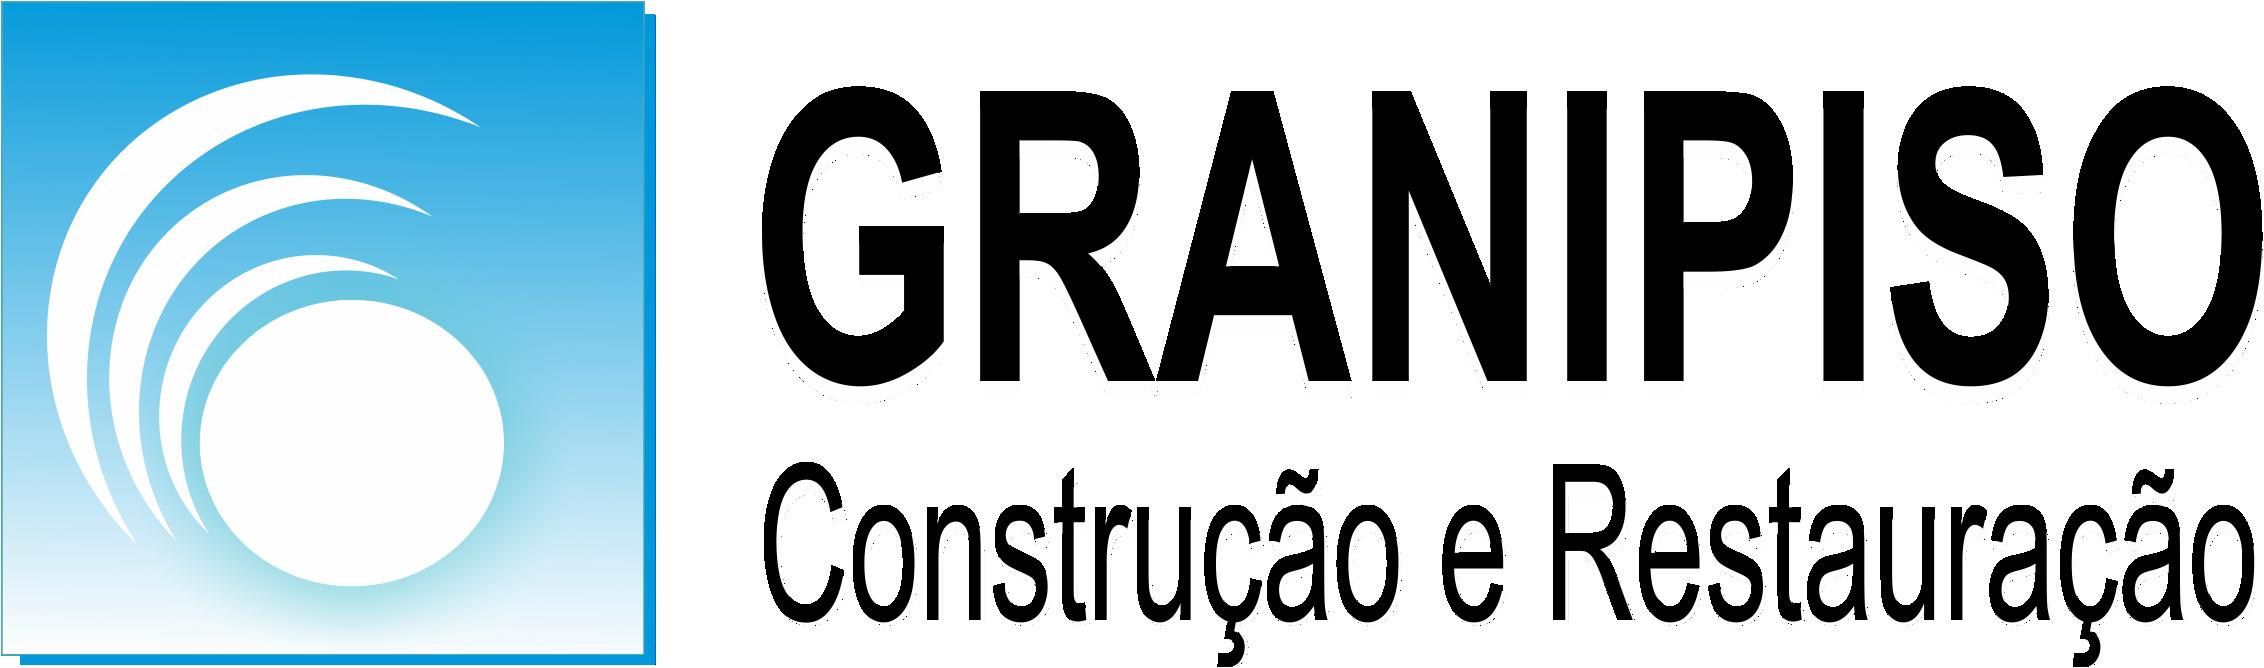 Granipiso - Restauração de Pisos, Construção de Quadras e Piso Granilite